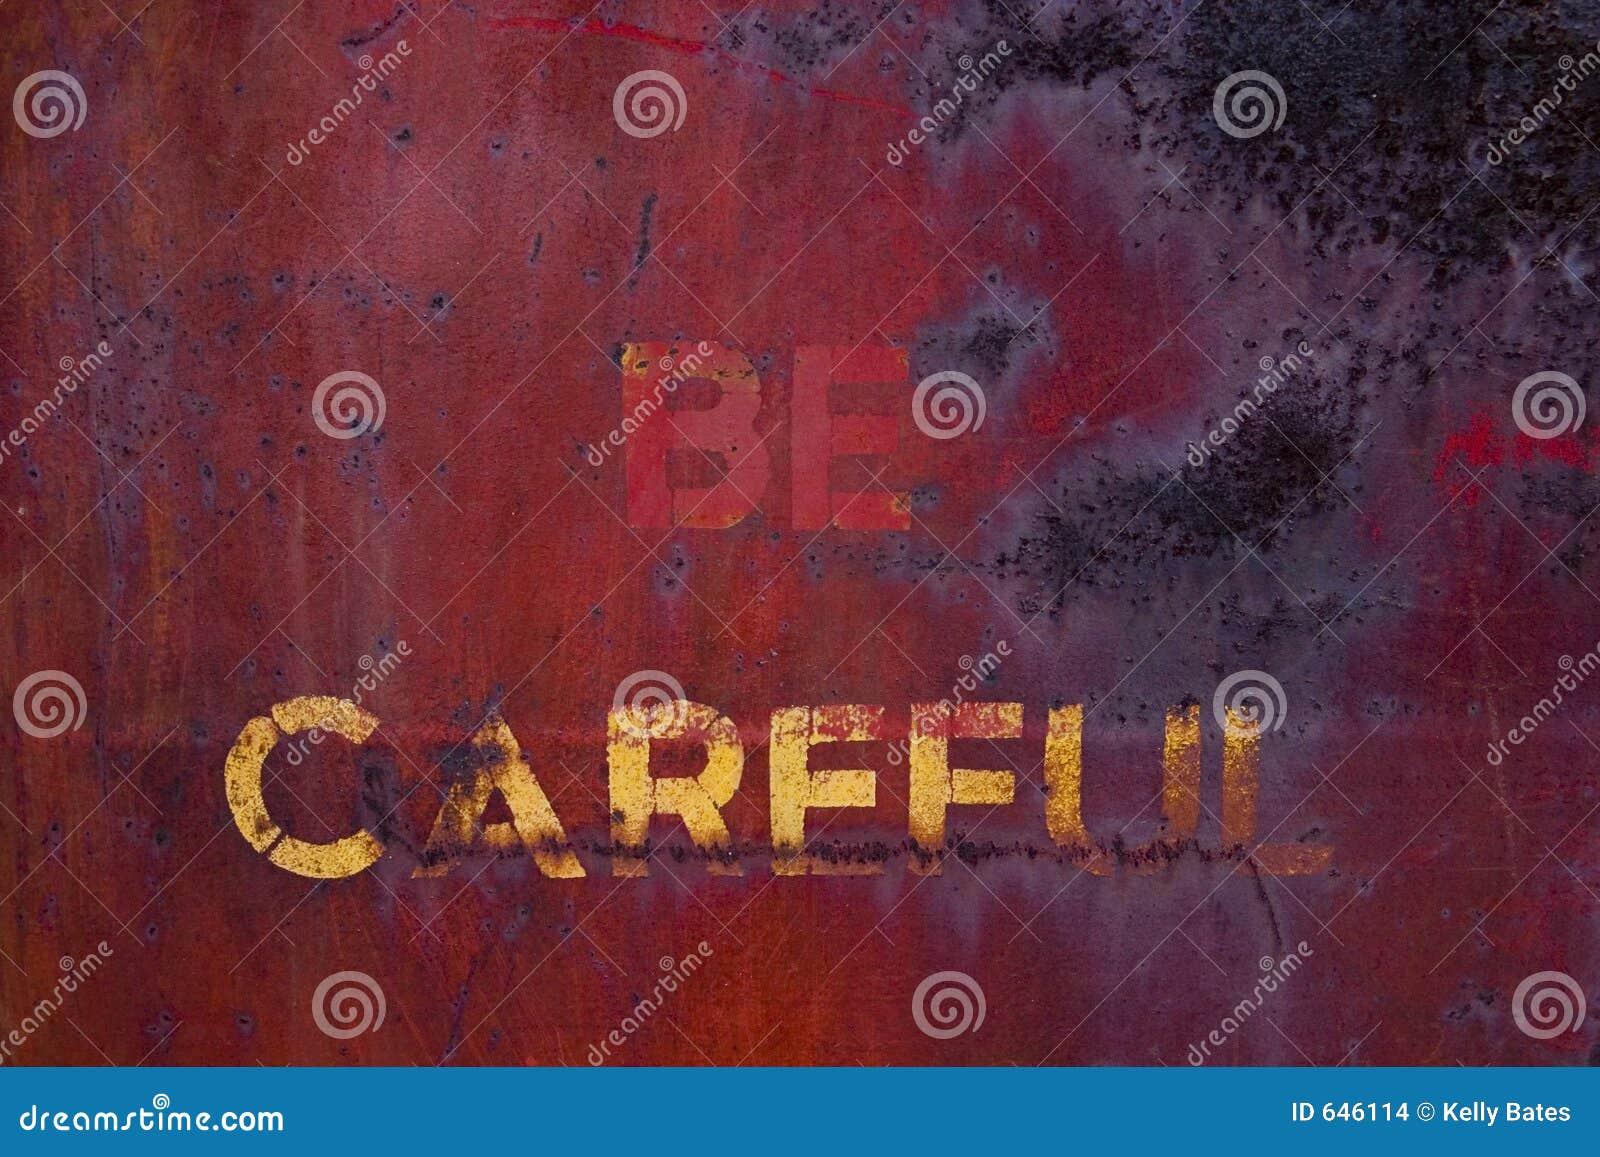 E23 Be Careful